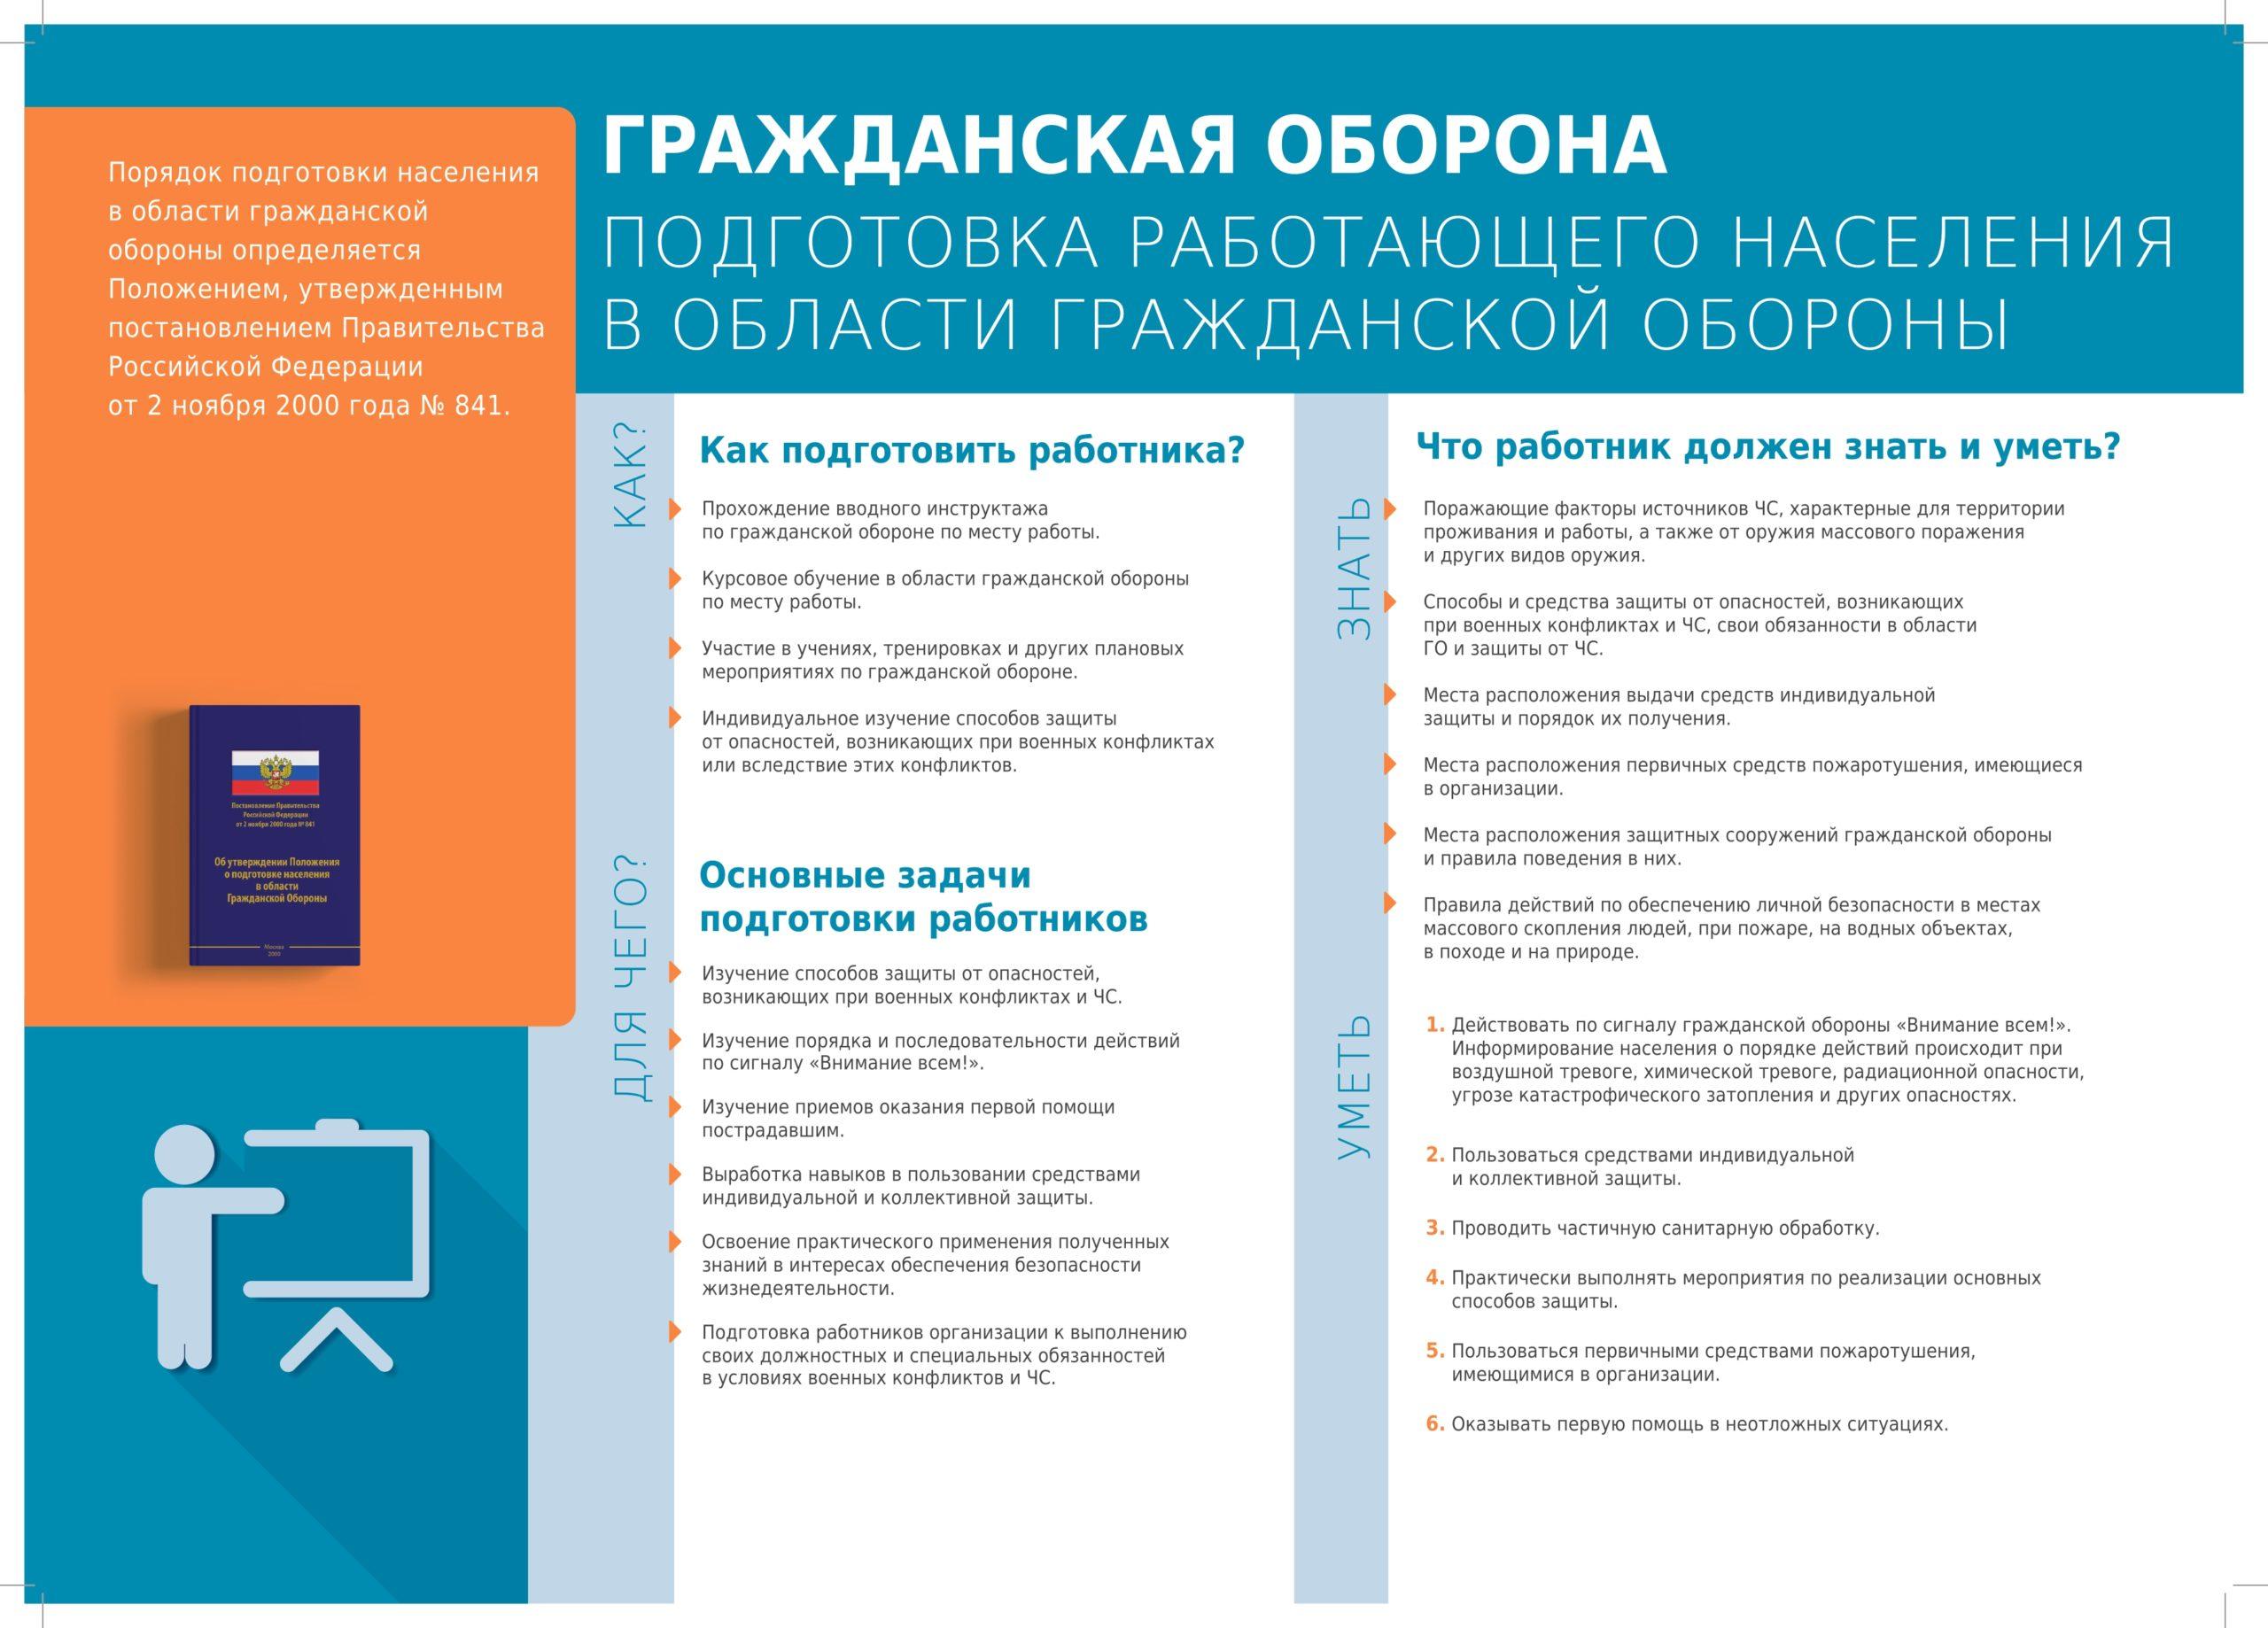 Плакат. Подготовка работающего населения в области гражданской обороны